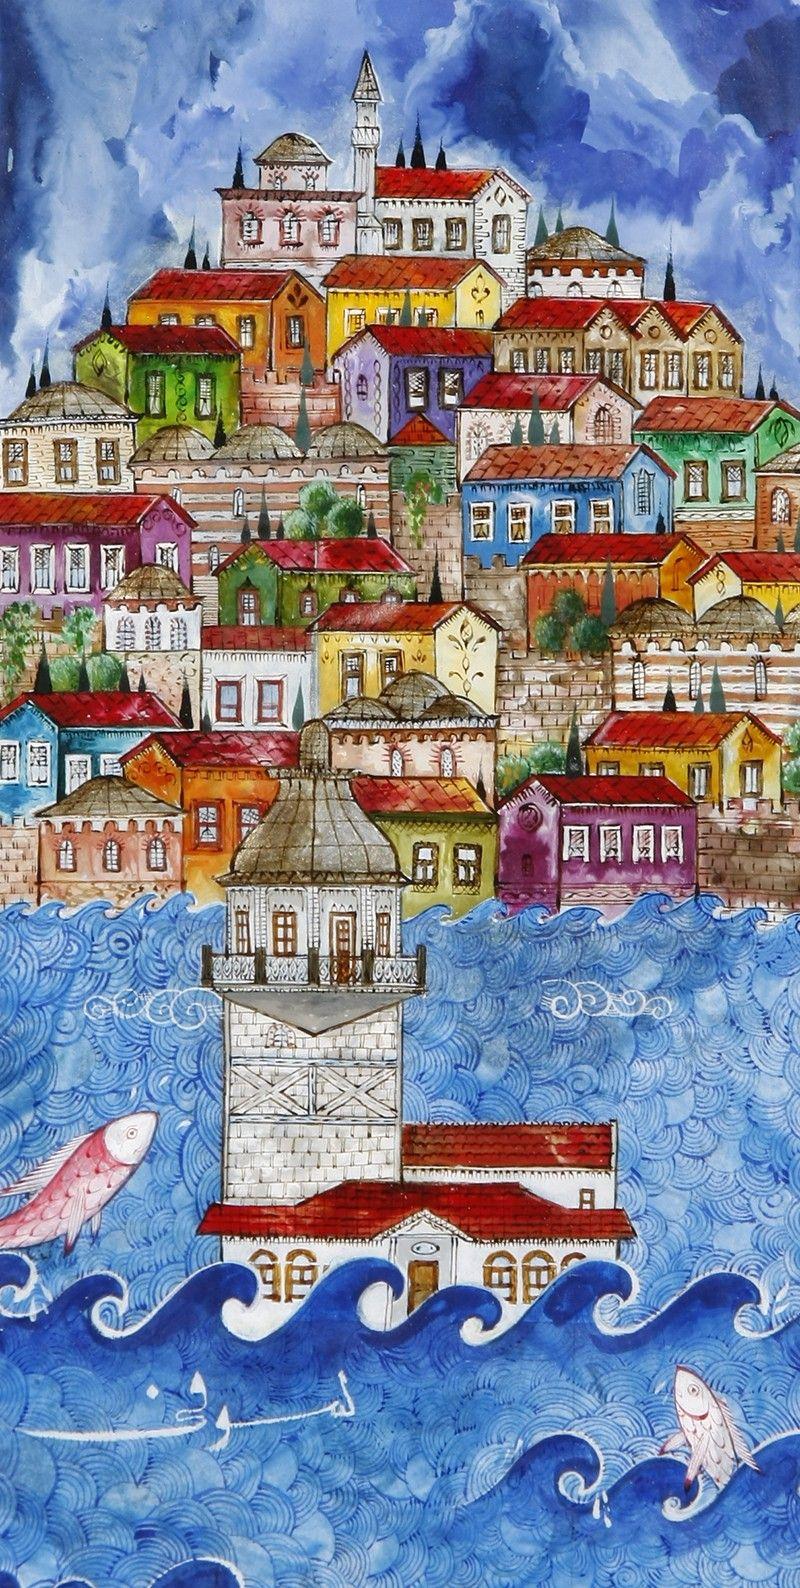 Renklendirilmiş Kız Kulesi ve İstanbul Manzaralı Minyatür ...